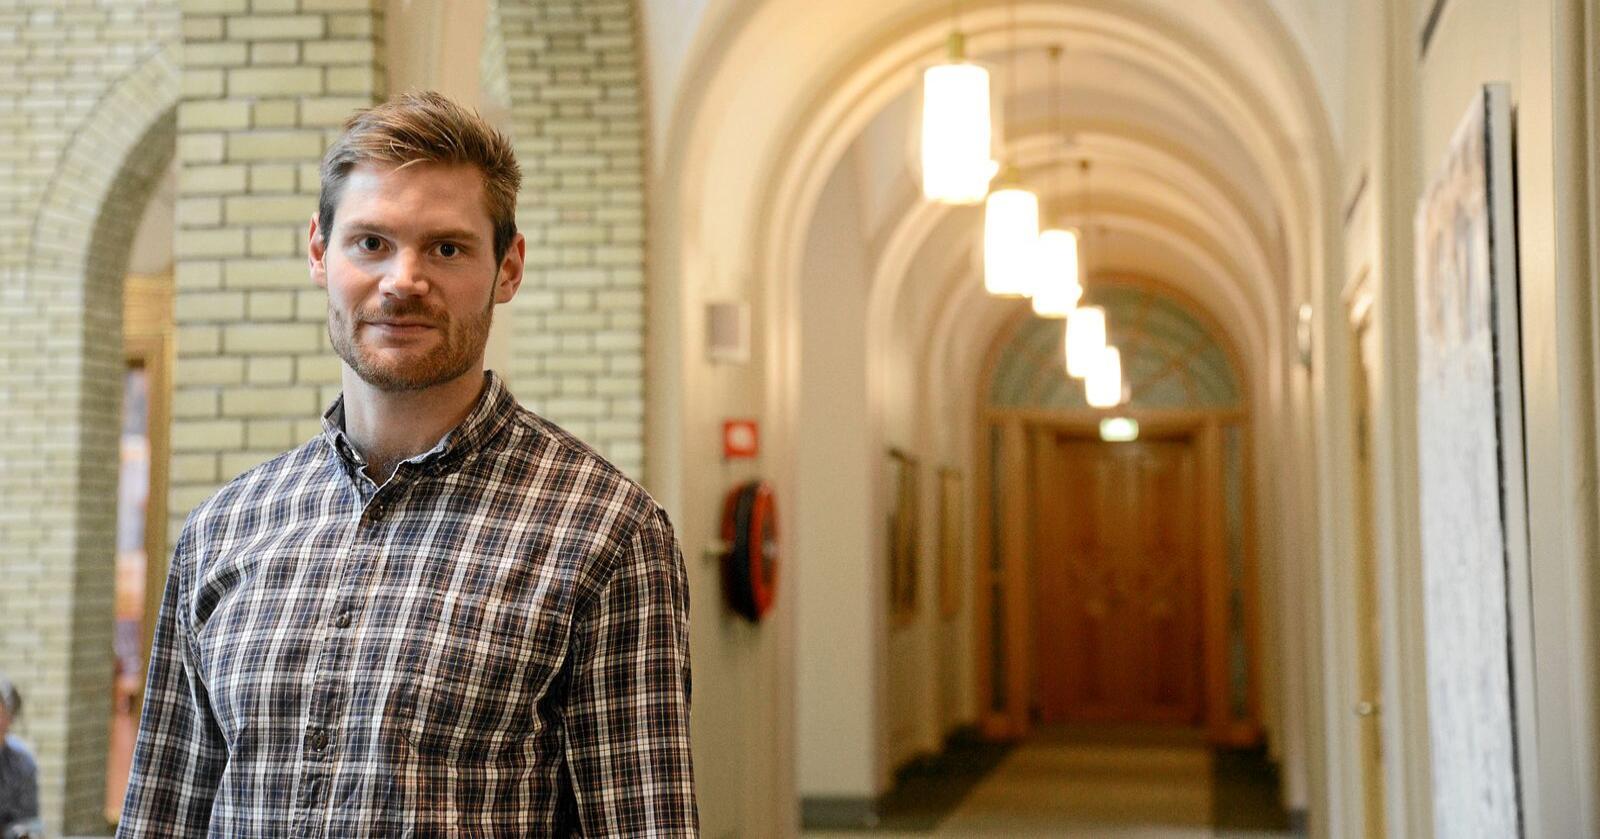 Dårlig politikk: Arbeiderpartiet og Nils Kristian Sandtrøen (bildet) forfekter dårlig landbrukspolitikk i denne saken, skriver Nils P. Hagen. Foto: Siri Juell Rasmussen